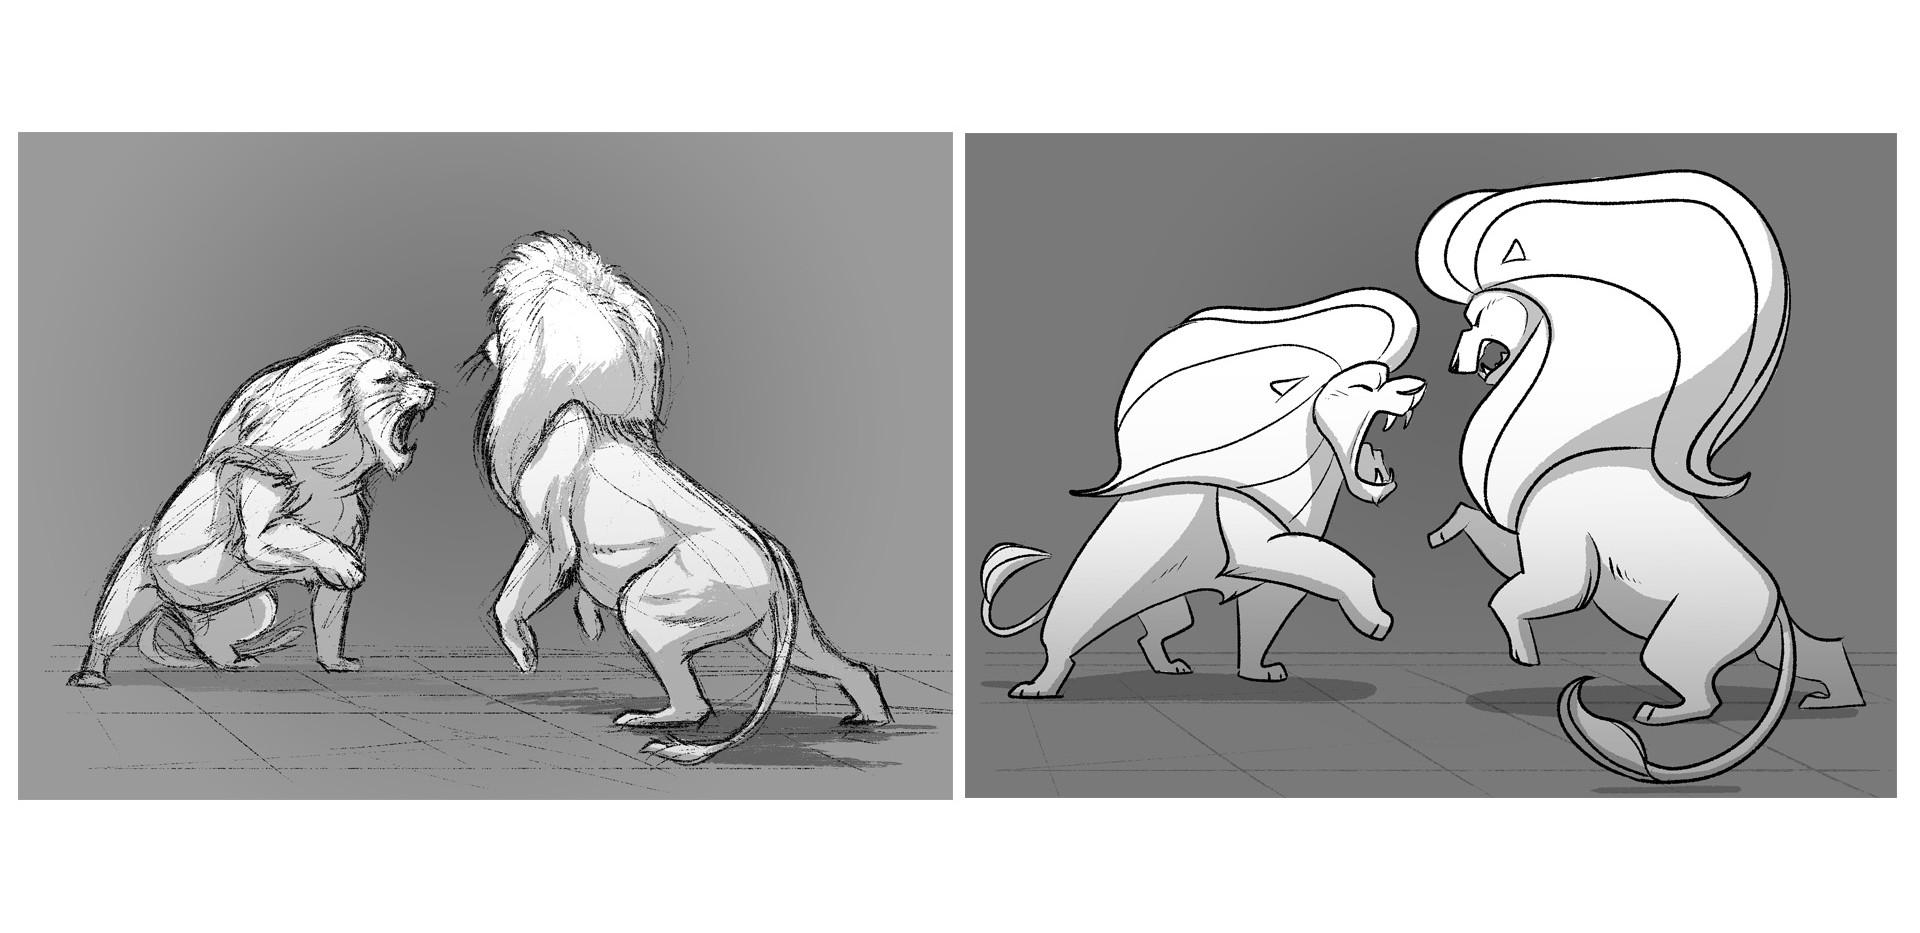 lionsslide.jpg